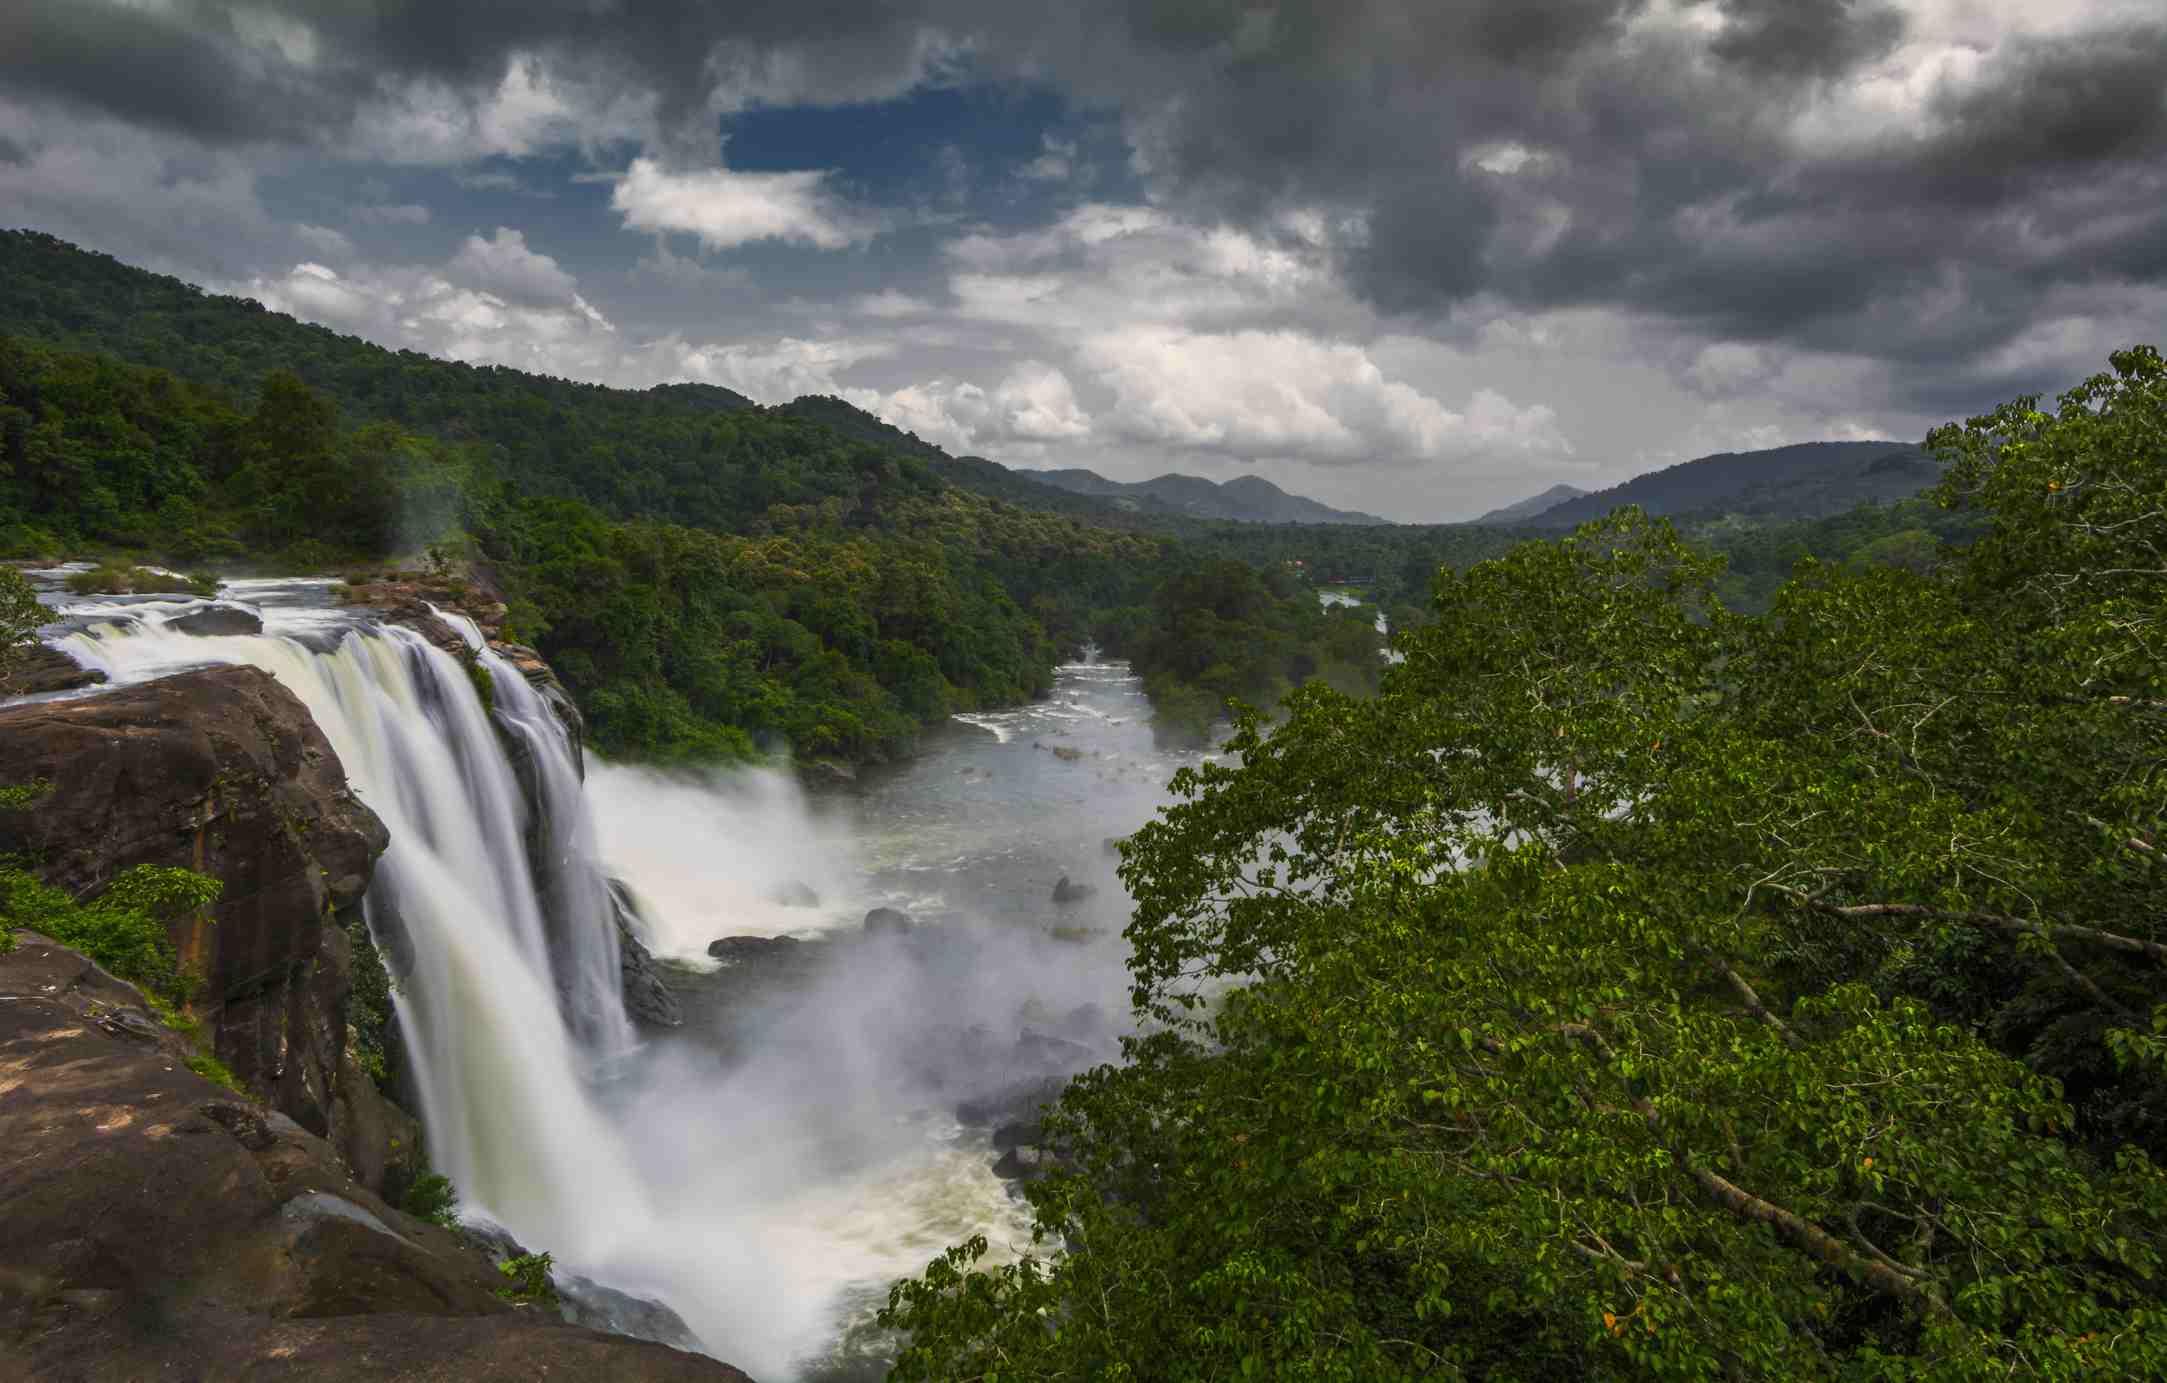 Athirappally waterfalls, Kerala, India